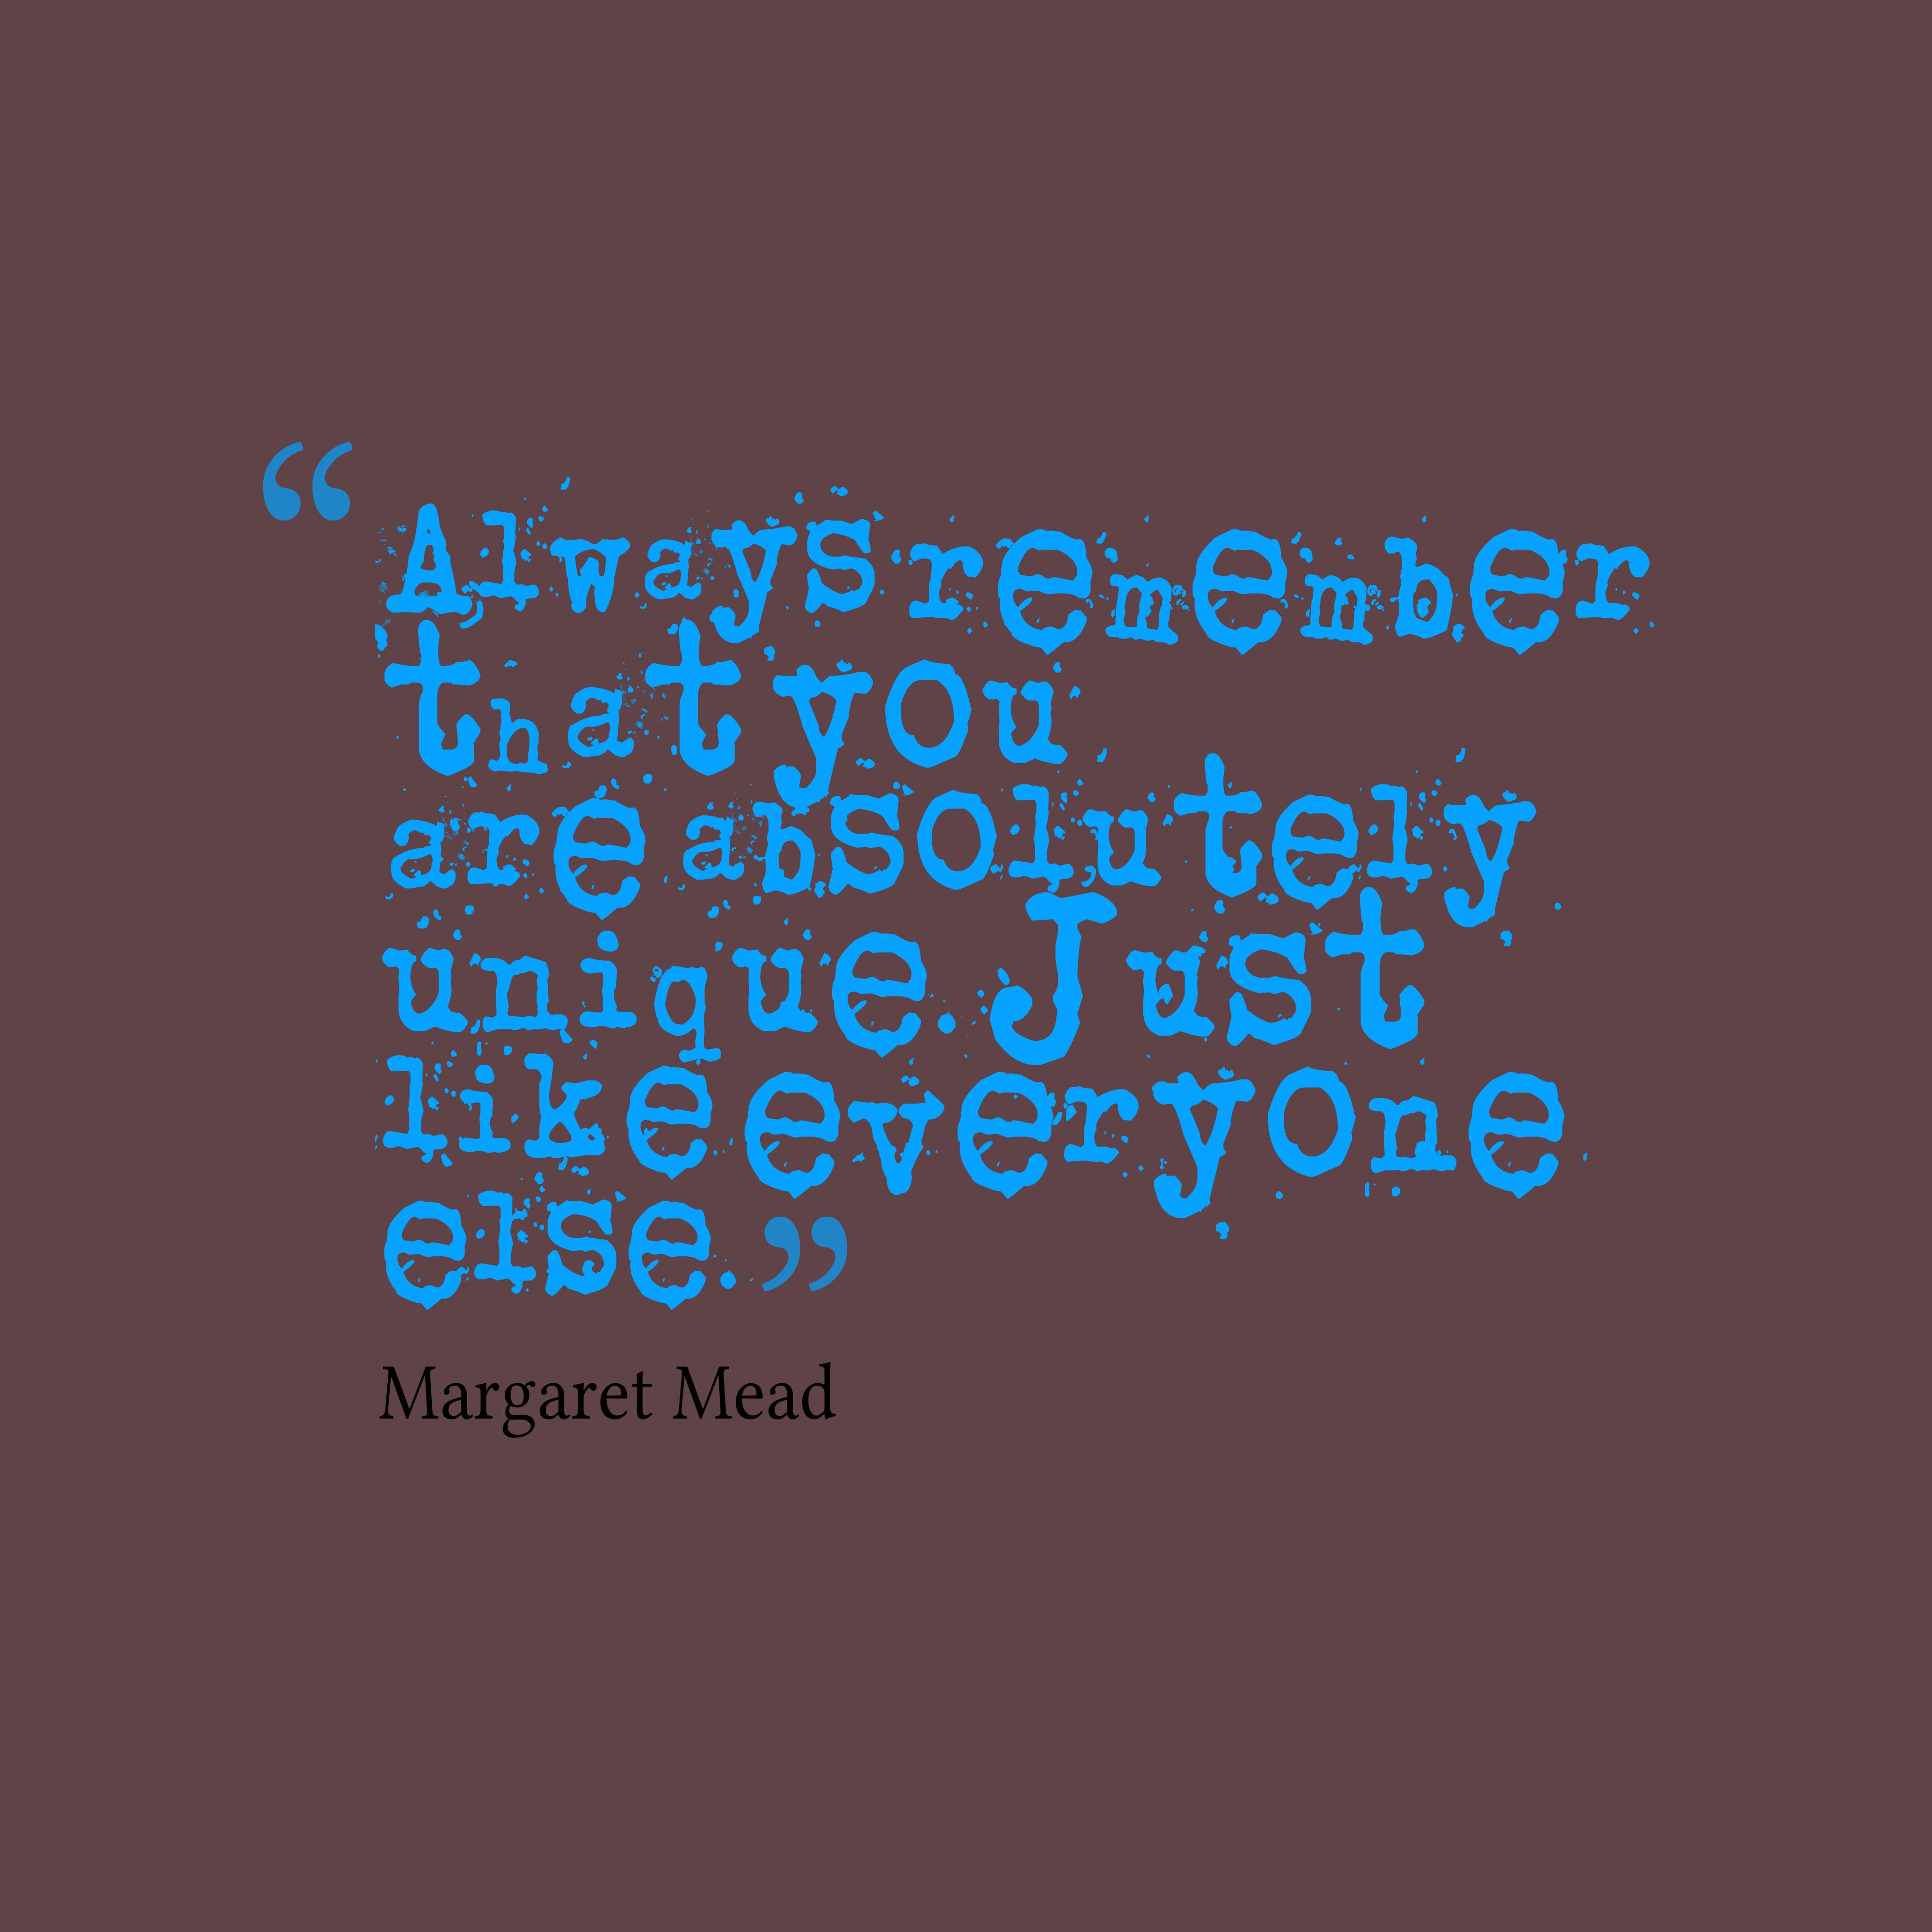 Margaret Mead Quote About Unique